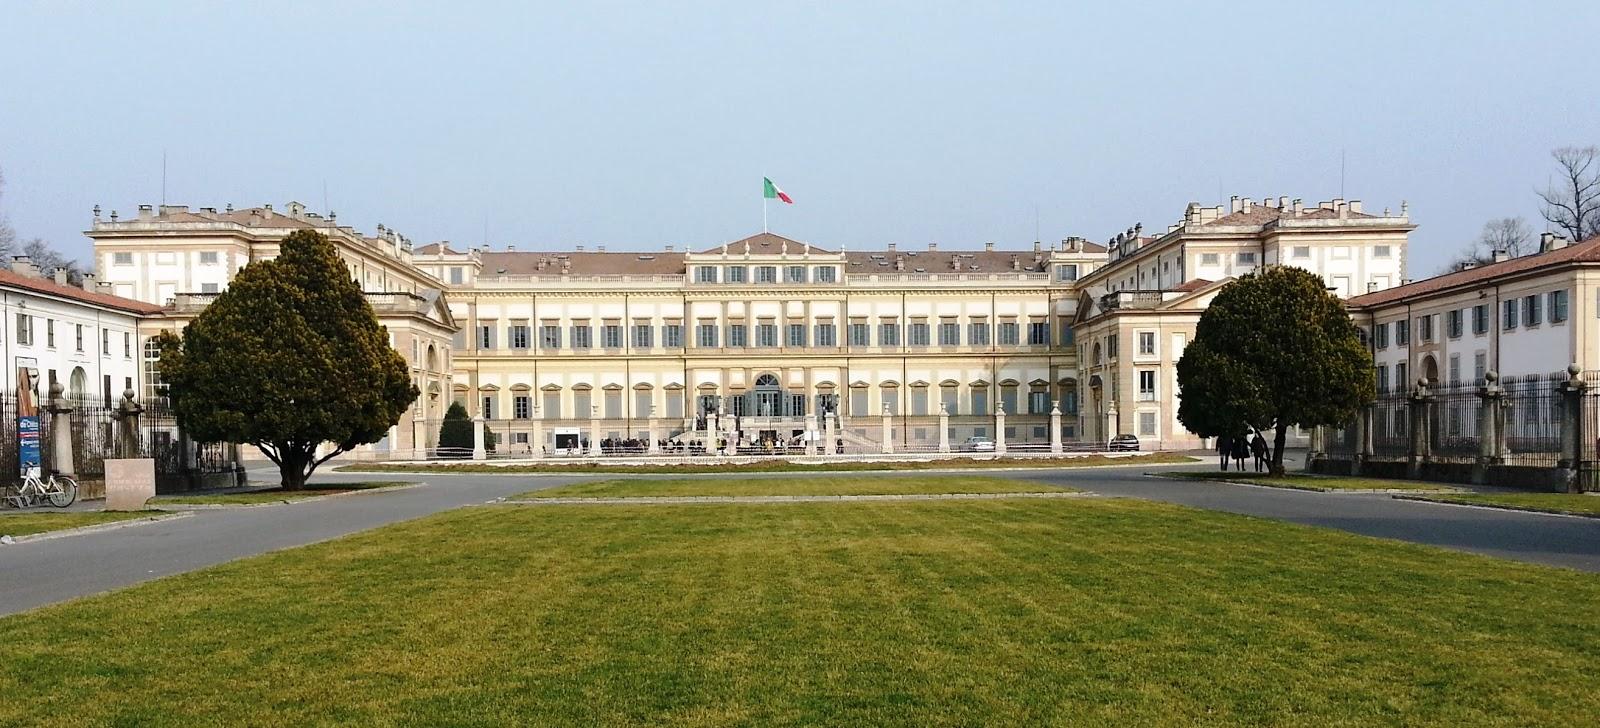 La Villa Reale di Monza  CAPITALE ITALIA